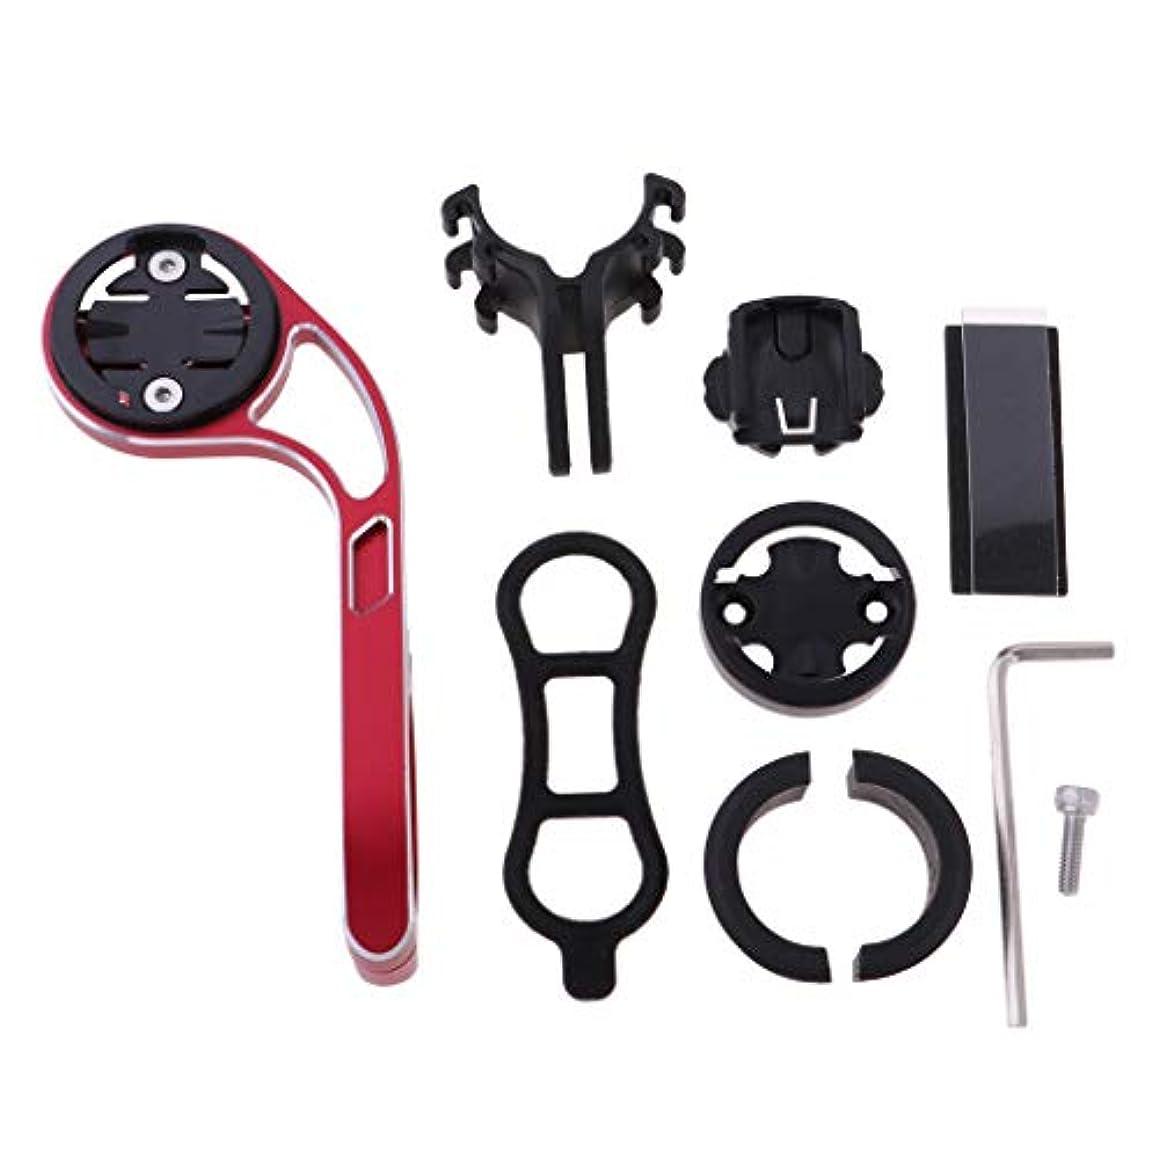 キャプションコンセンサス酸度FLAMEER 自転車ステムエクステンションエクステンダ マウンテンロードバイク懐中電灯GPSホルダー